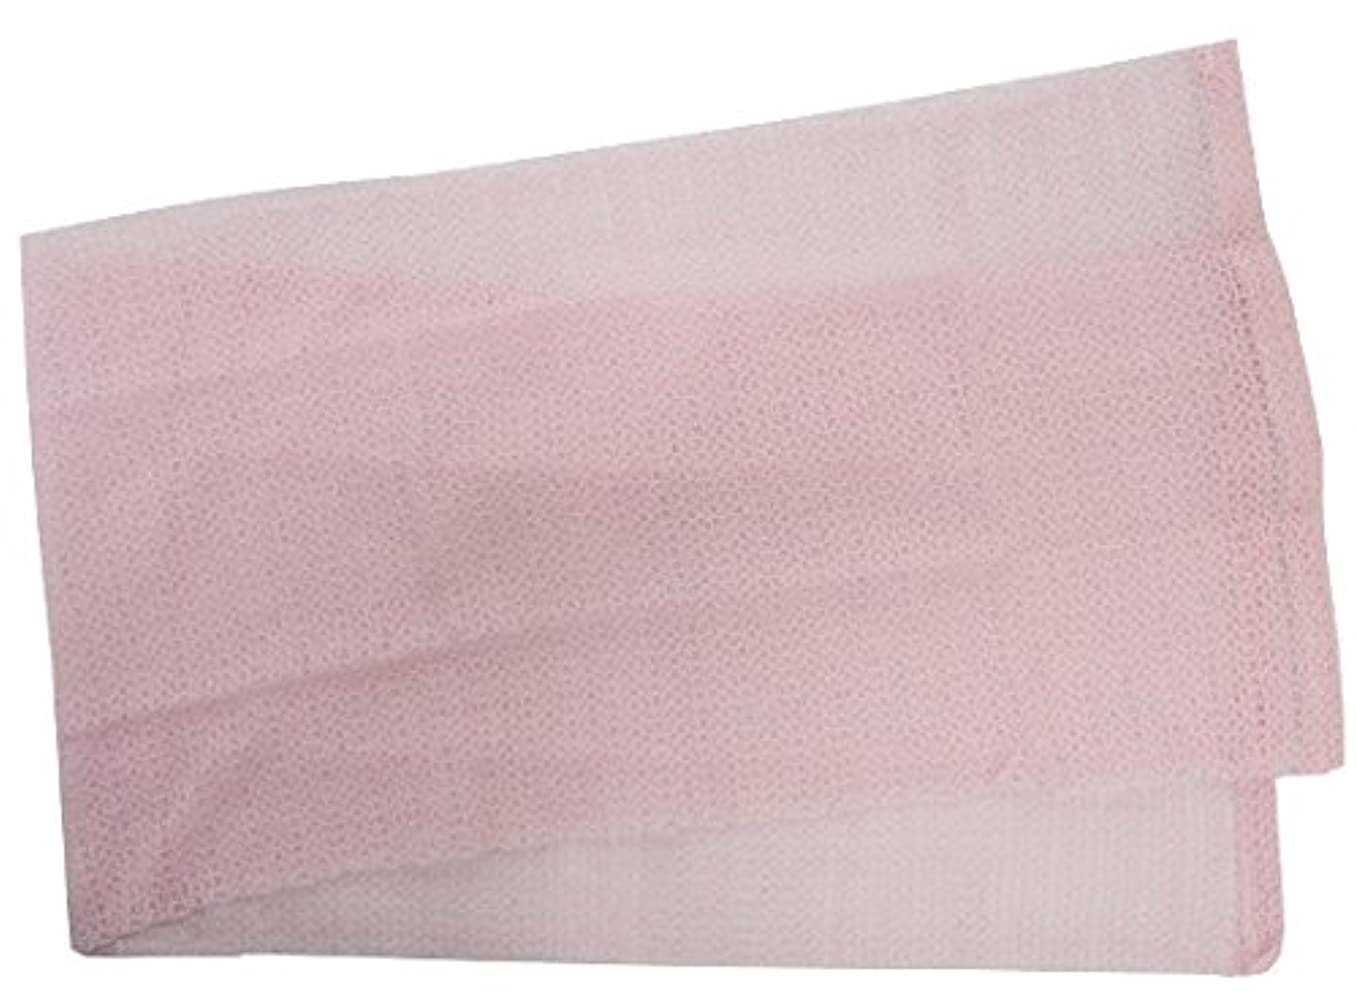 マラウイタール危機小久保 『メレンゲのような泡立ちとソフトな肌ざわり』 モコモコボディタオル ピンク 24×100cm 2277